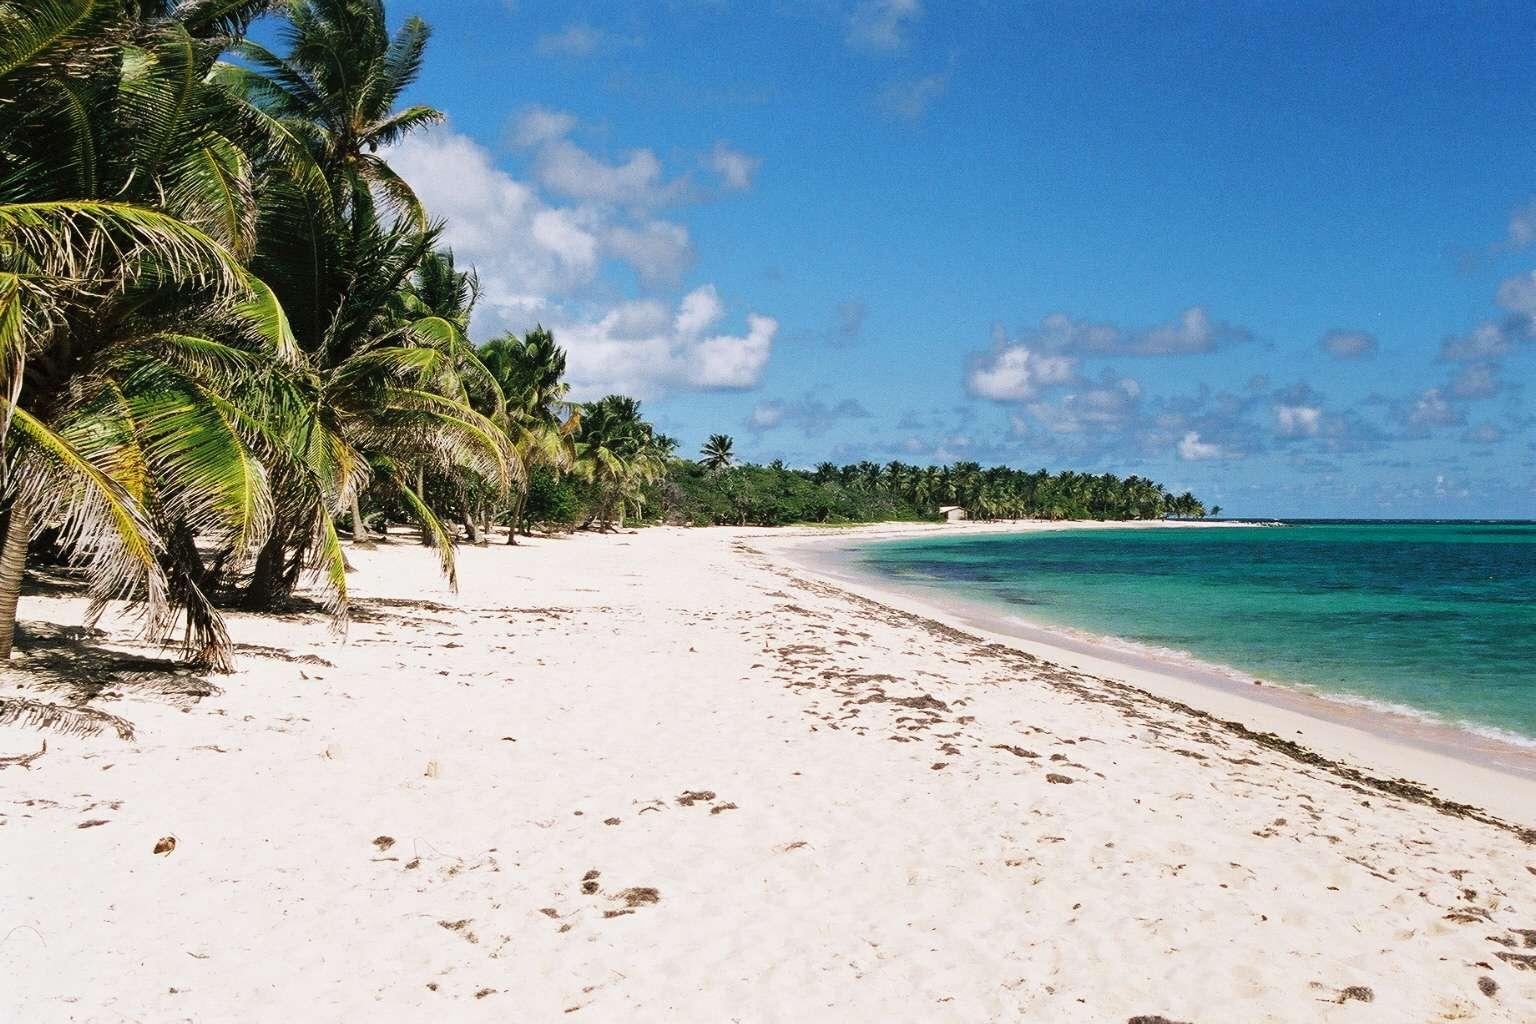 Avec leur climat tropical, les Antilles représentent un lieu privilégié pour le développement du moustique-tigre (Aedes aegypti), capable de transporter différents agents infectieux comme le virus de la dengue ou du chikungunya. Une épidémie de chikungunya sévit en ce moment sur ces îles. © Smiley, Flickr, cc by sa 3.0